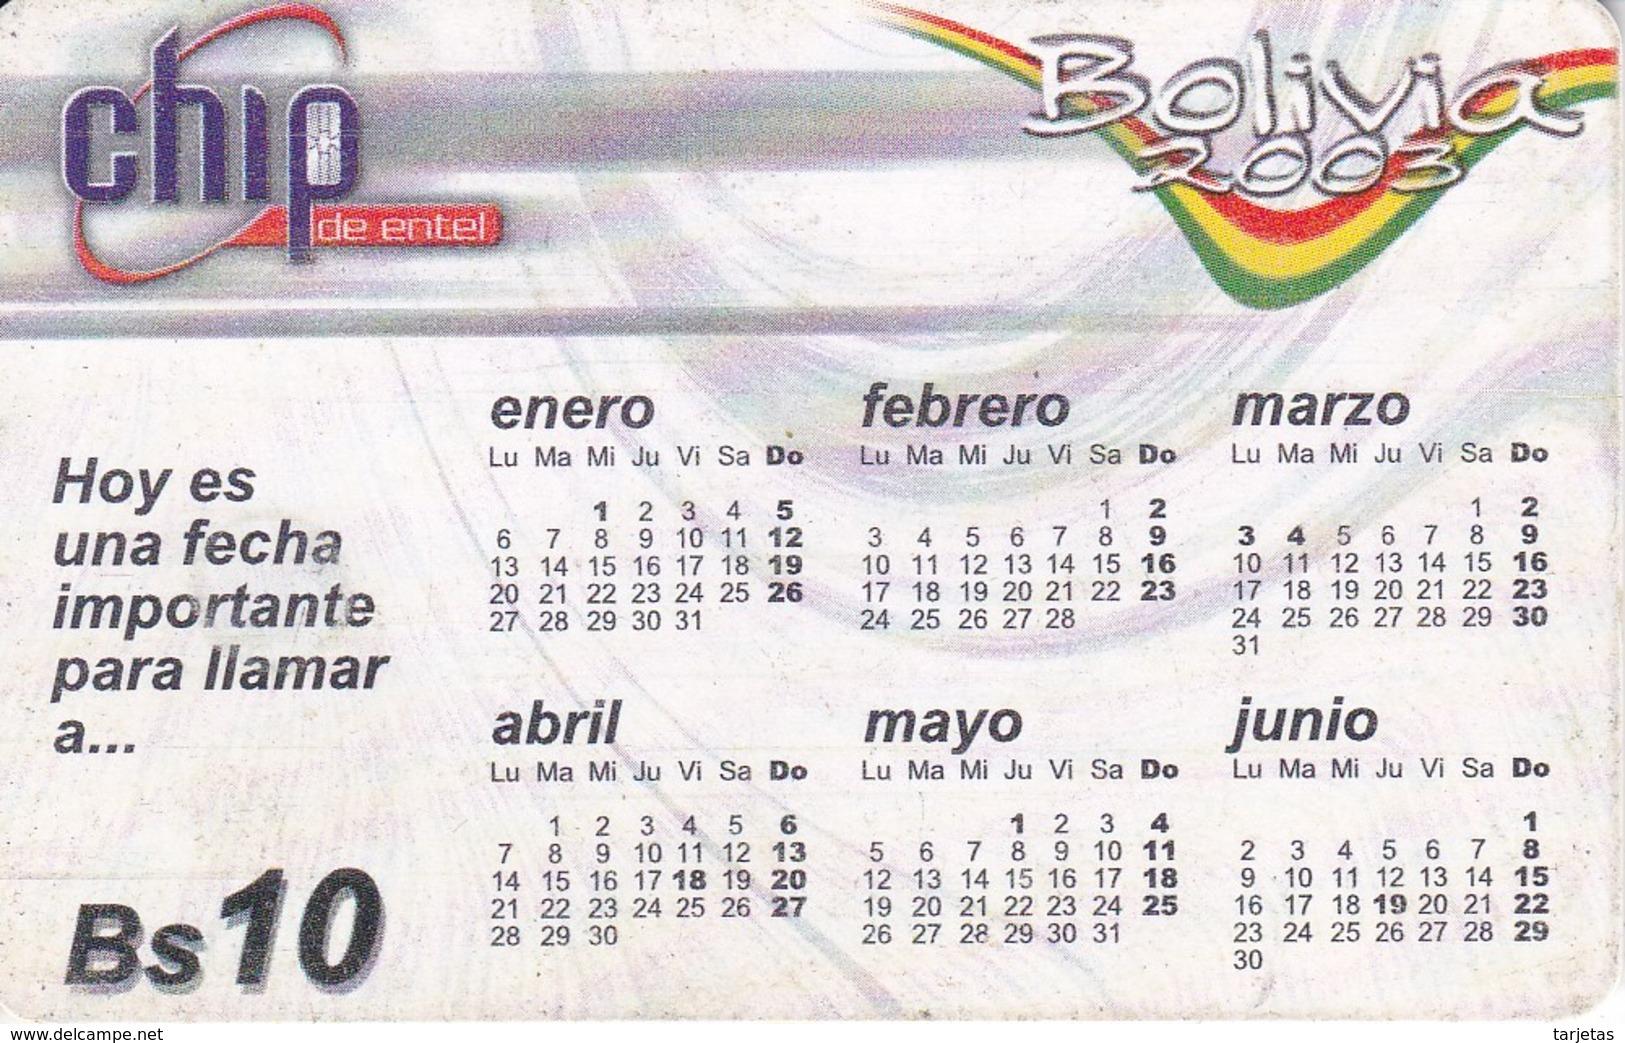 TARJETA CON CHIP DE BOLIVIA DE UN CALENDARIO DEL AÑO 2003 - Bolivia